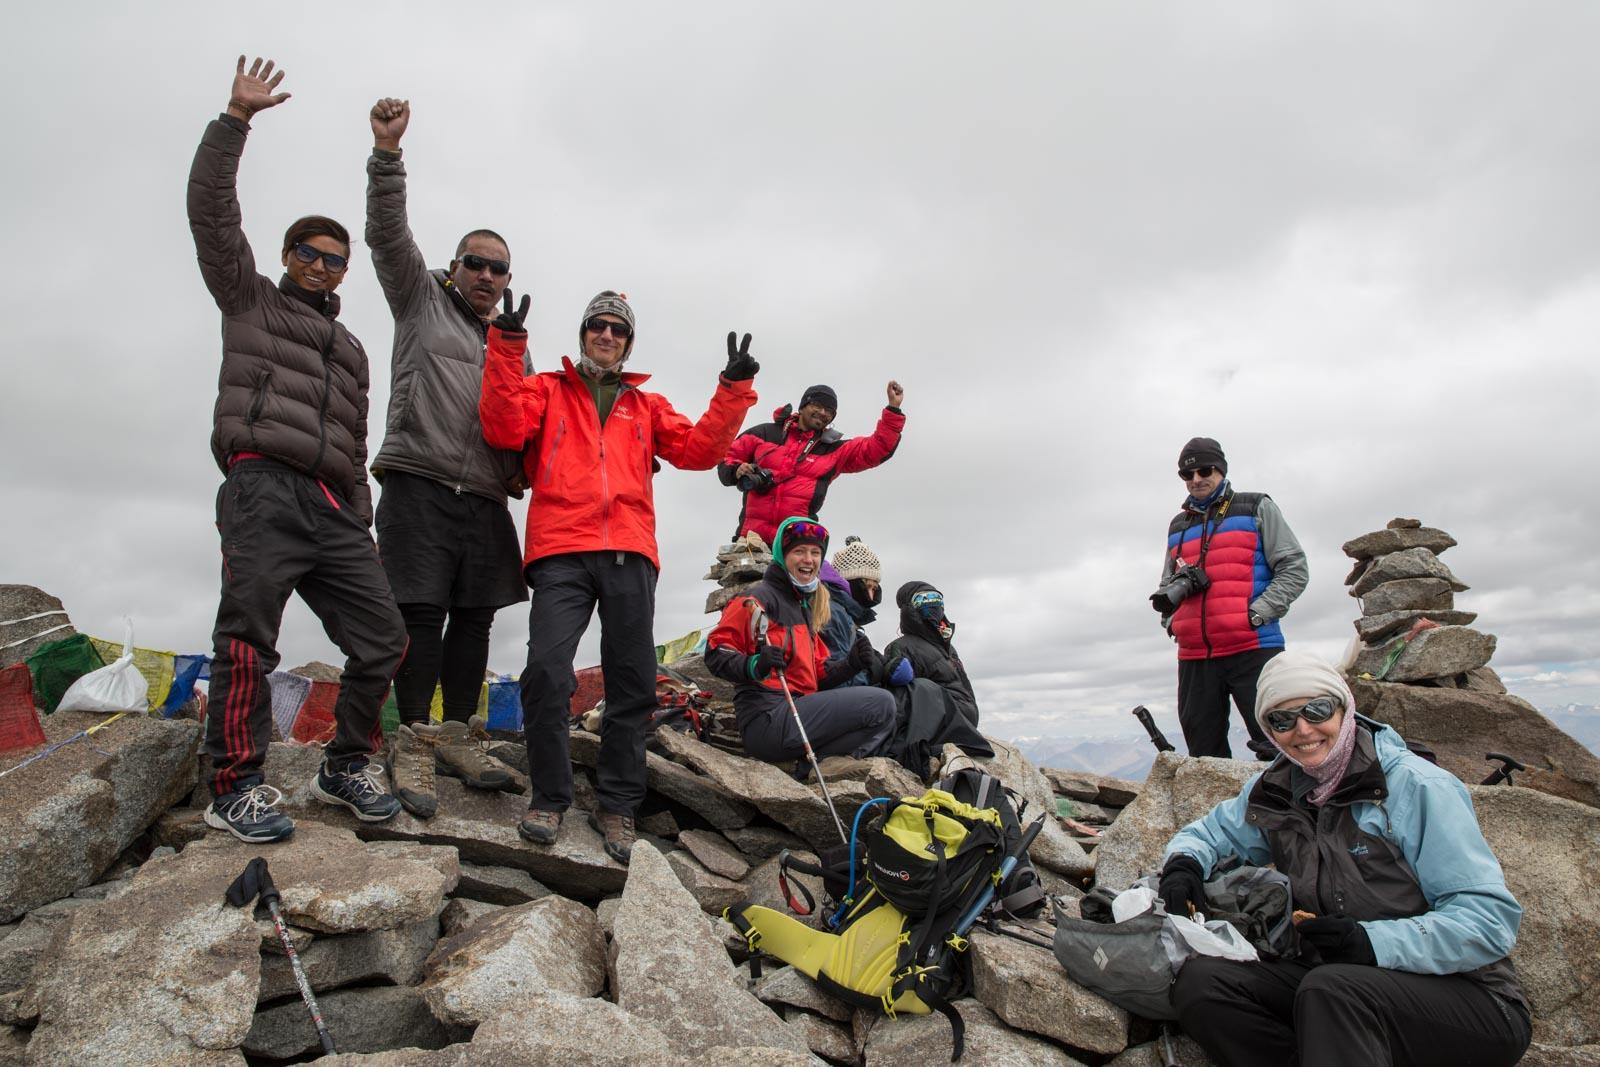 Project Himalaya India trekking peaks   Ladakh Peaks & Passes